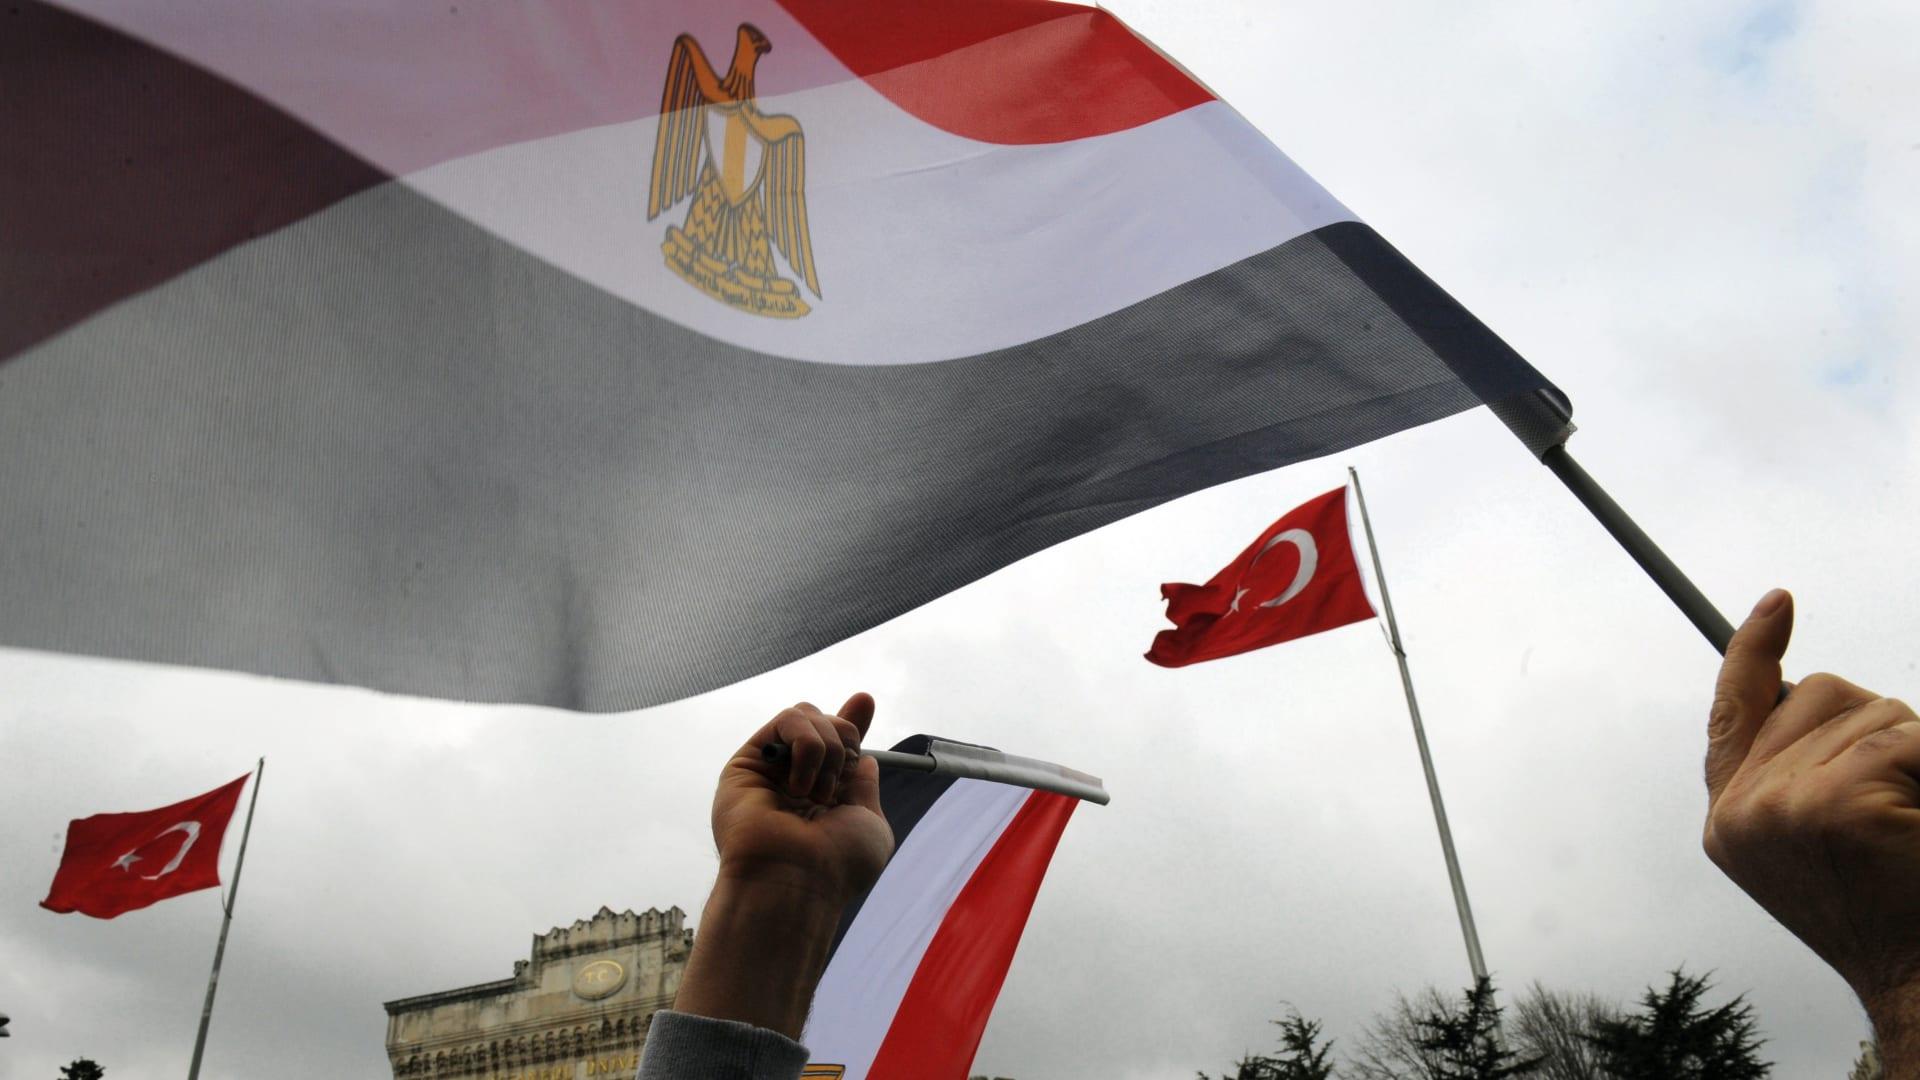 """في إطار """"تطبيع العلاقات"""".. الإعلان رسميا عن موعد زيارة وفد تركي إلى مصر ومن سيكون على رأسه"""